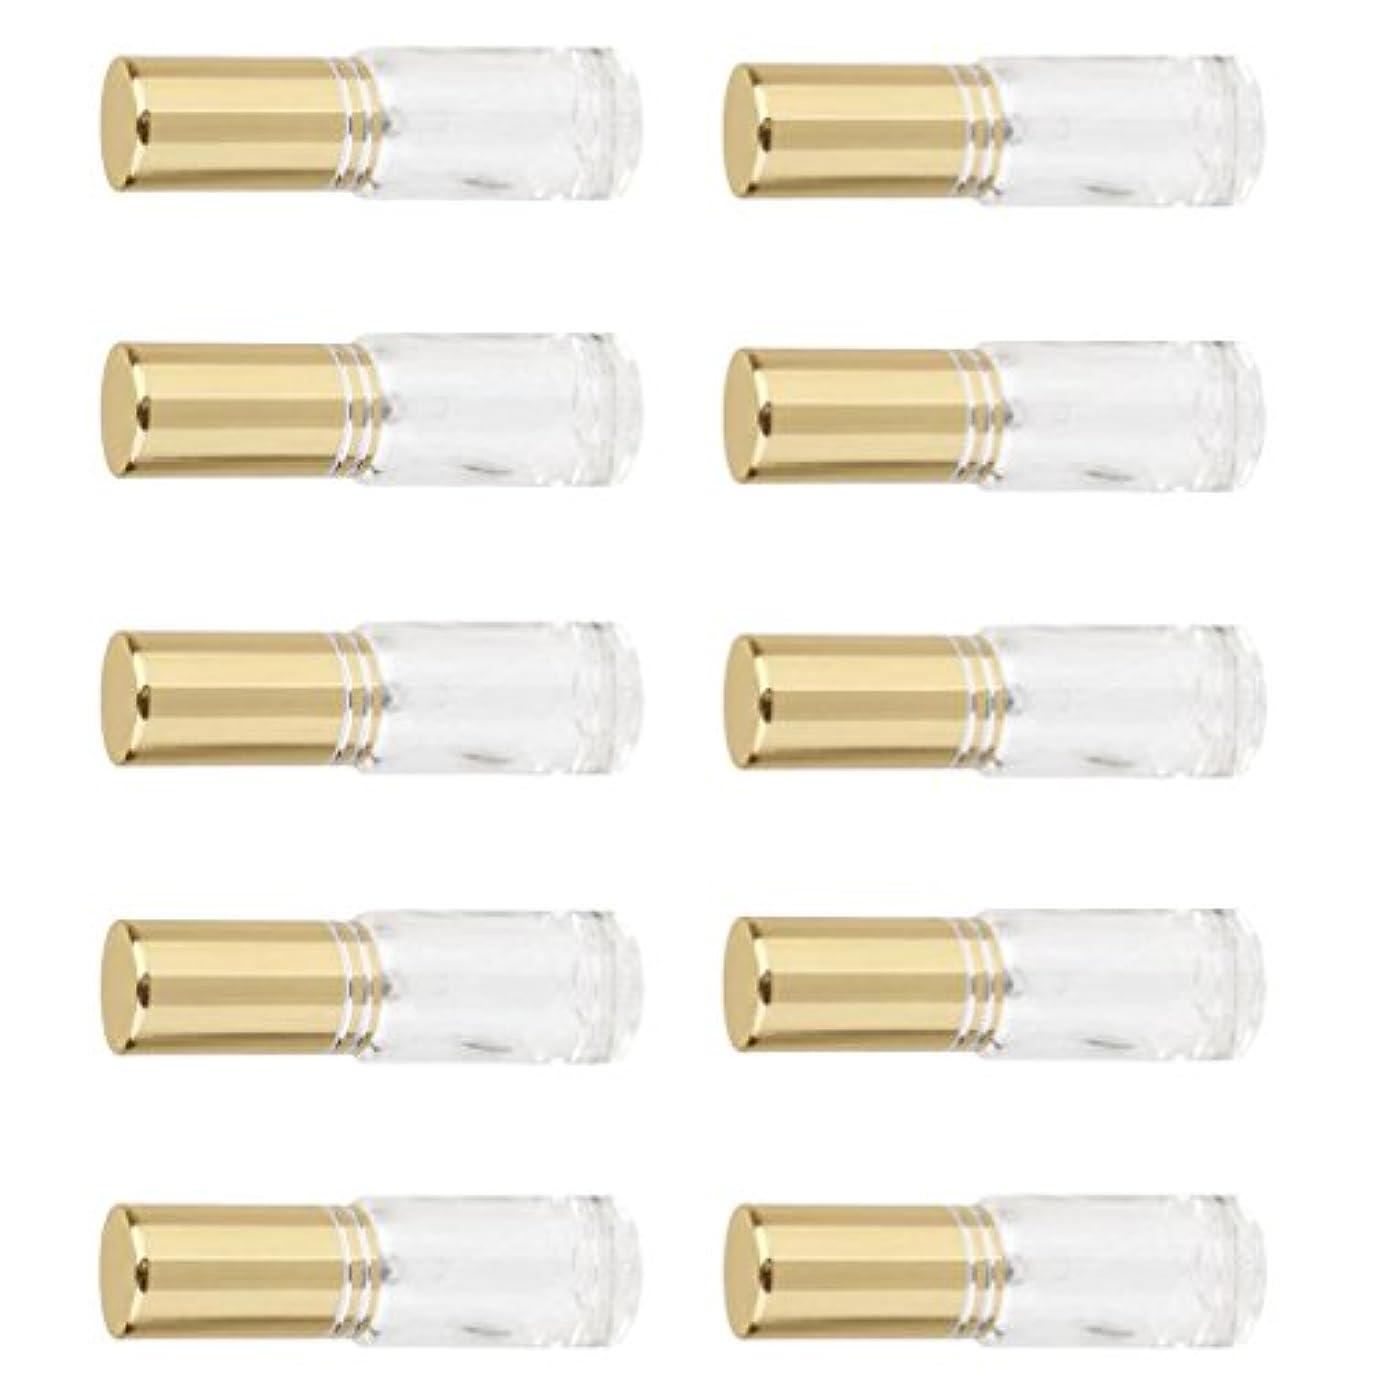 苦情文句動かす評決詰め替え可能 男女兼用 香水瓶 容器 ミニ ガラス 香水 アトマイザー ポンプ スプレー 10個入り